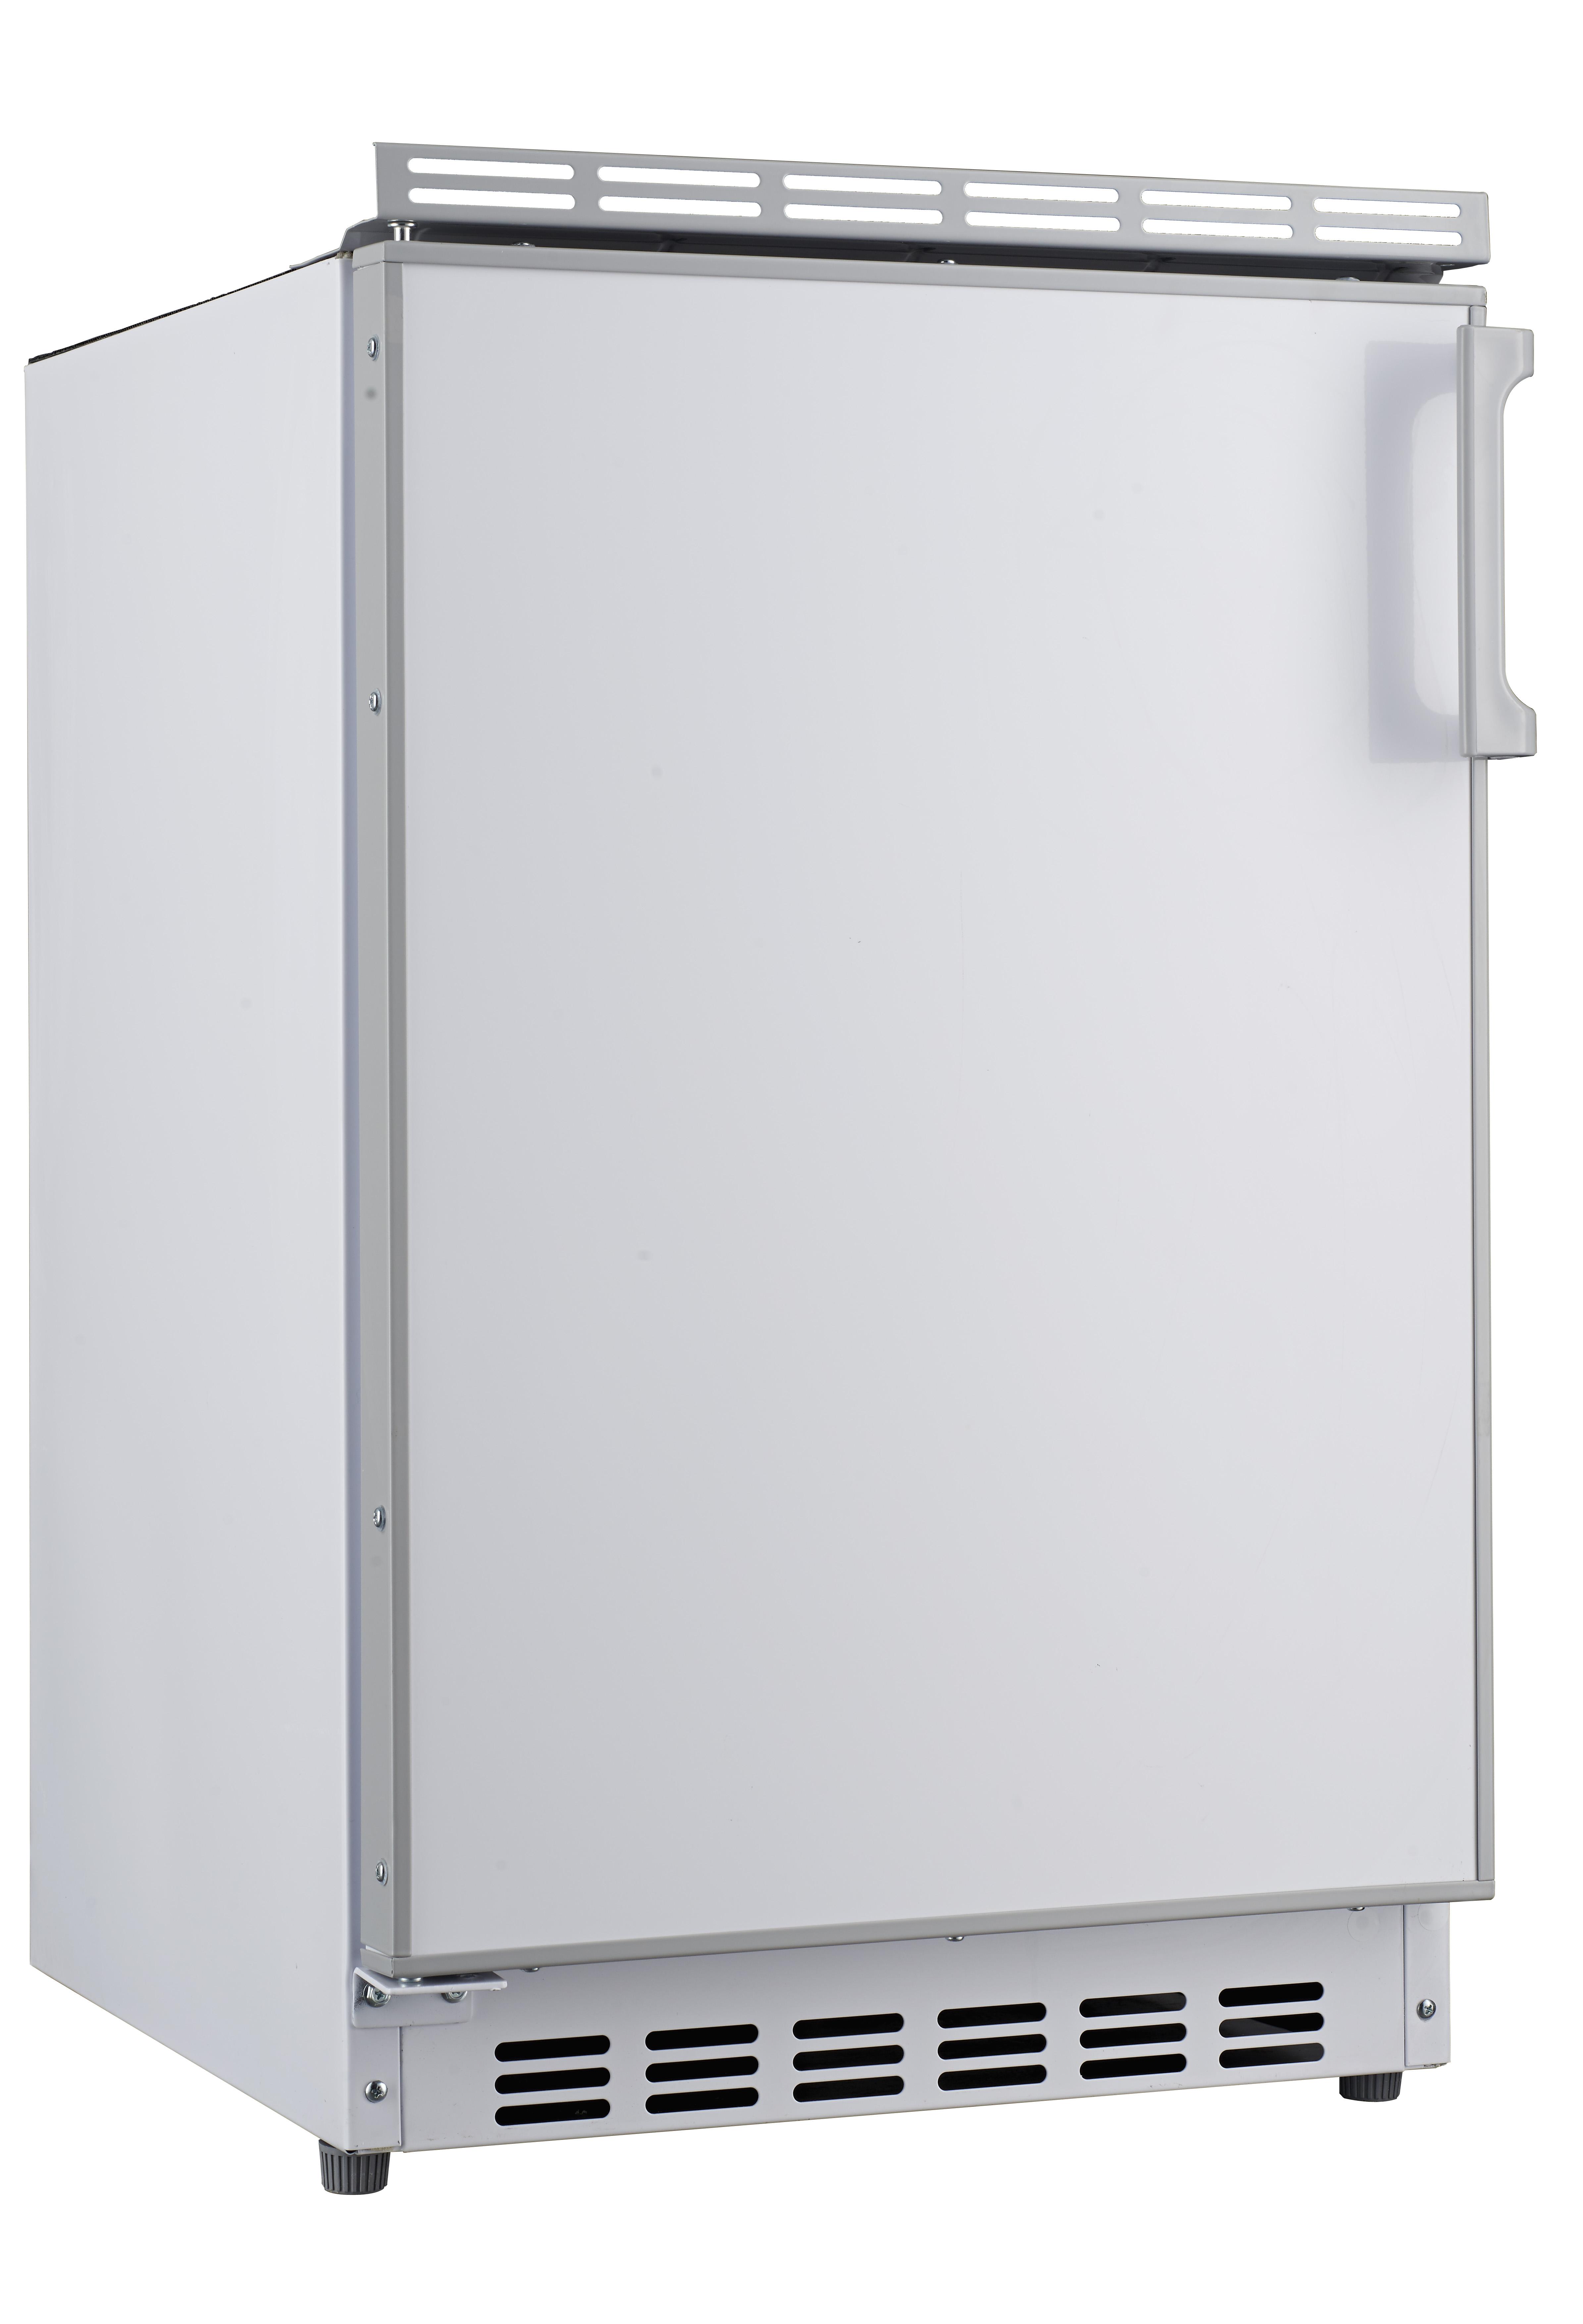 respekta Kühlschrank Unterbaukühlschrank Gefrierfach dekorfähig 50 cm UKS 110